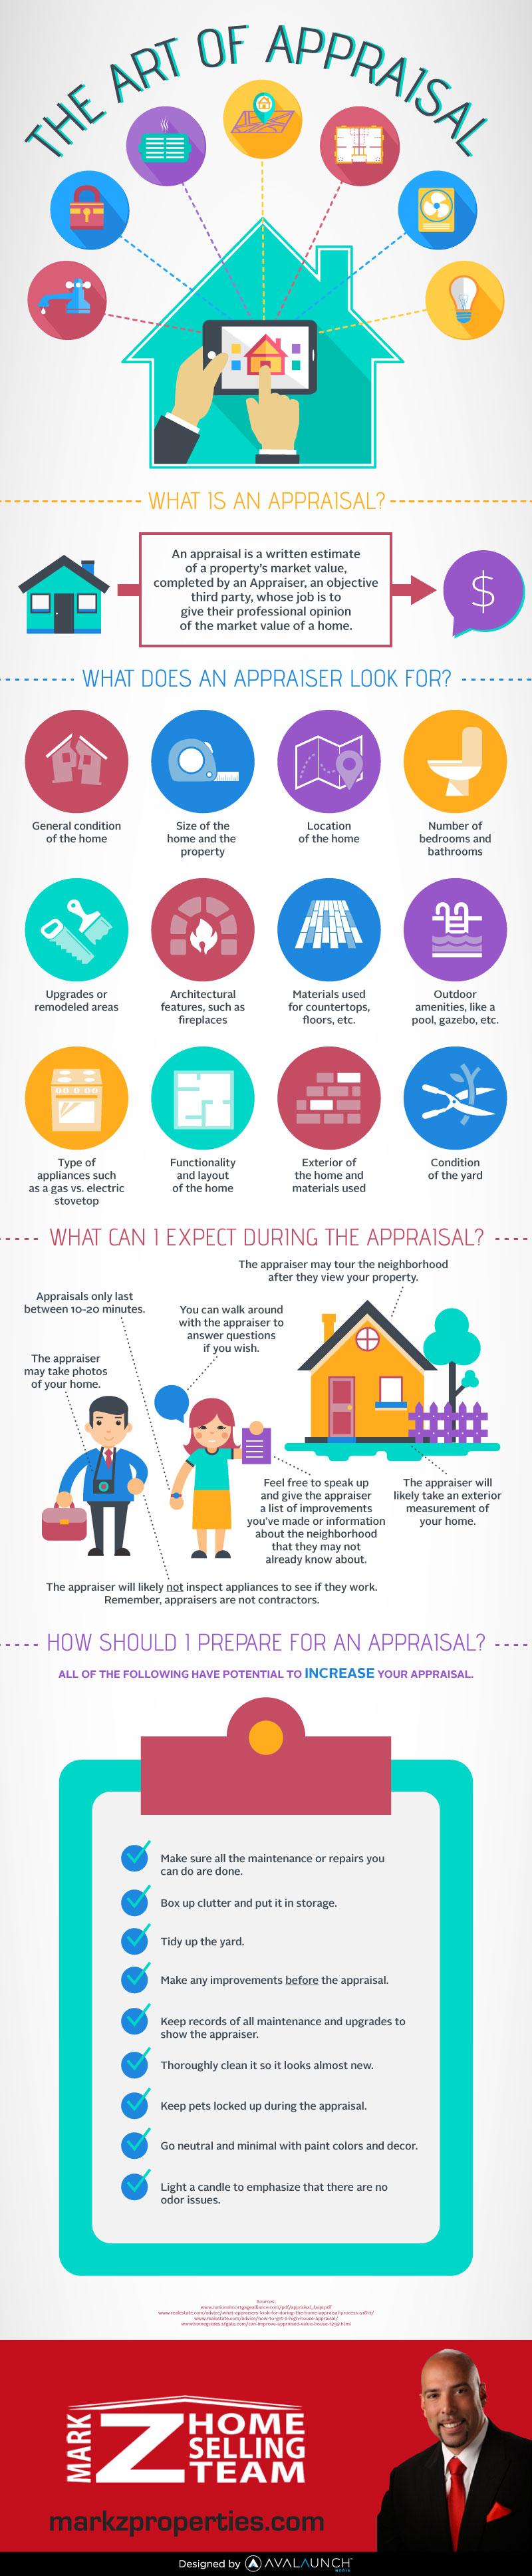 Art of Appraisal Branded